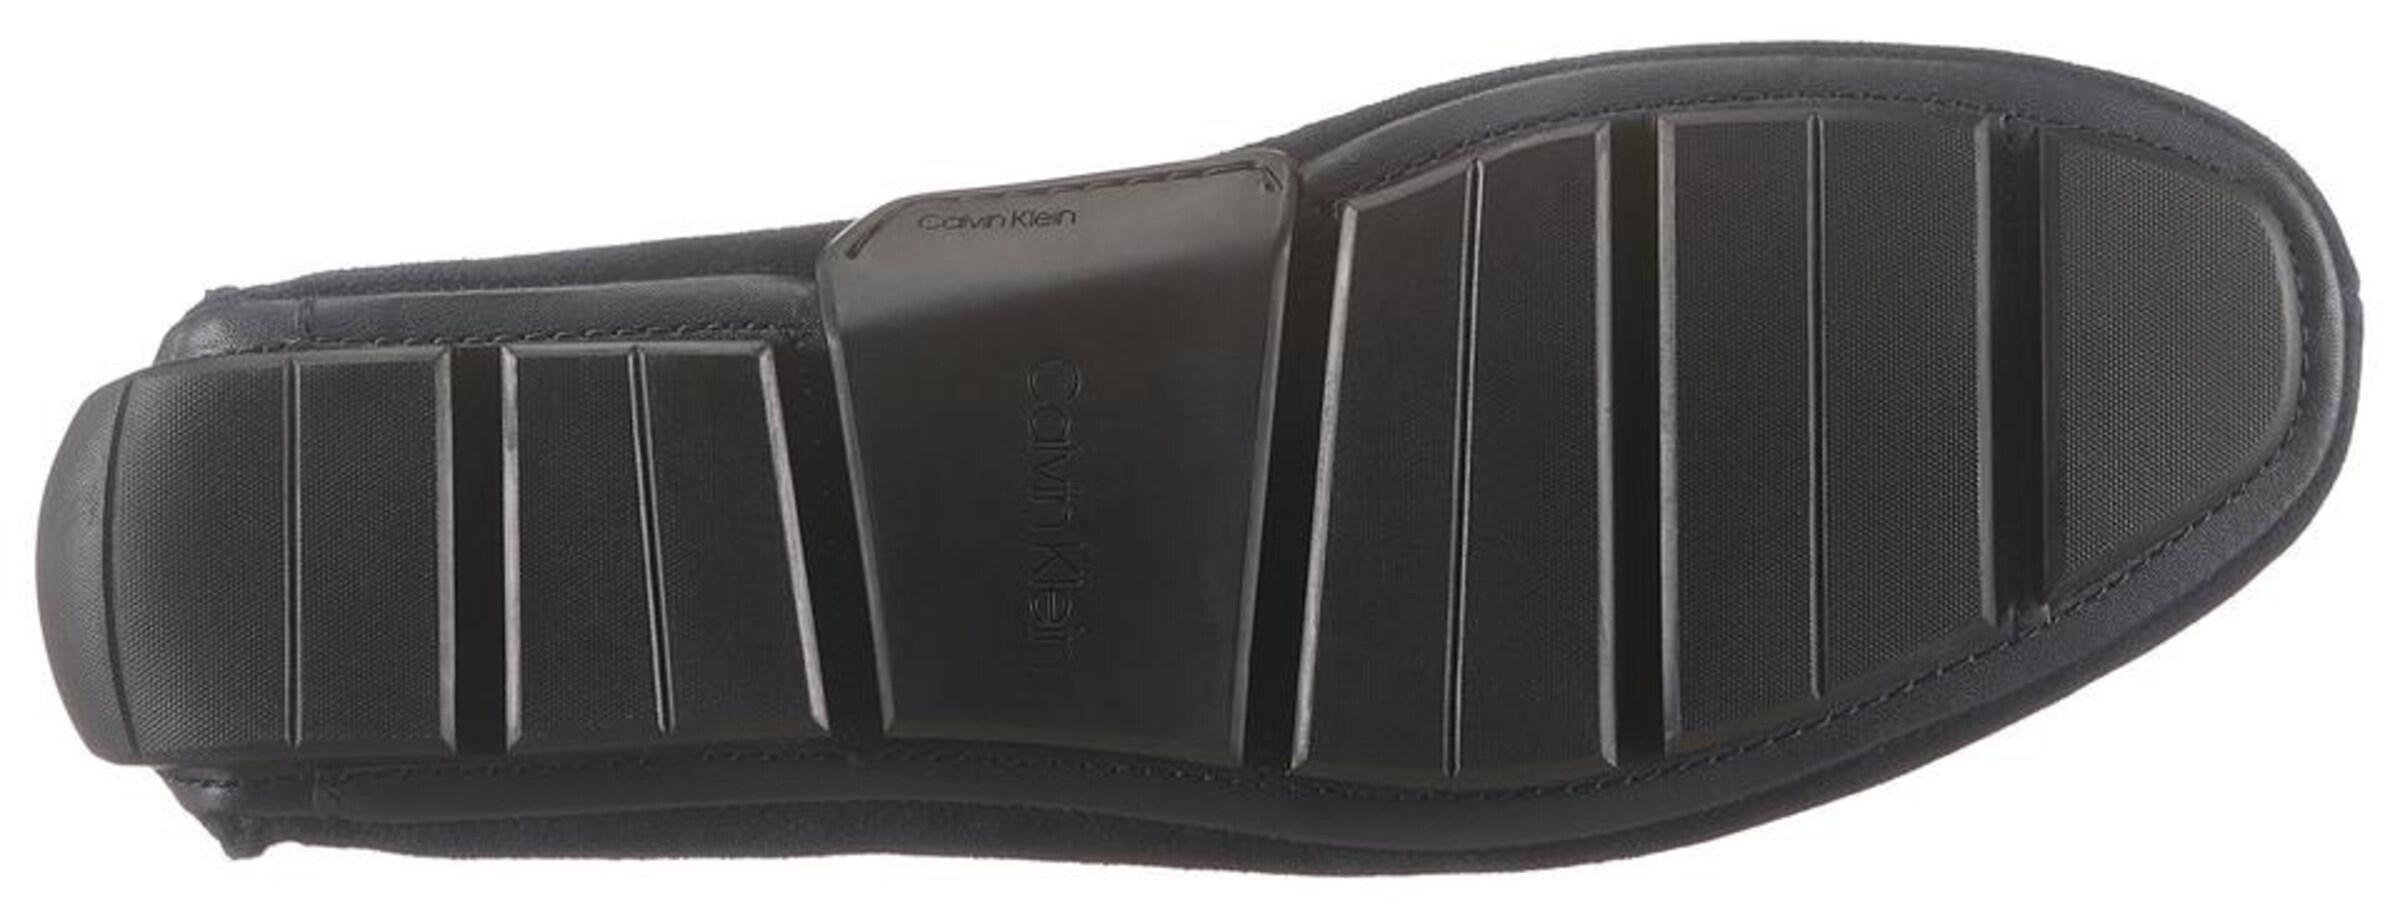 Jeans Calvin Klein Weiß Slipper In 'kashton' NavyHellblau Ow0k8nPX